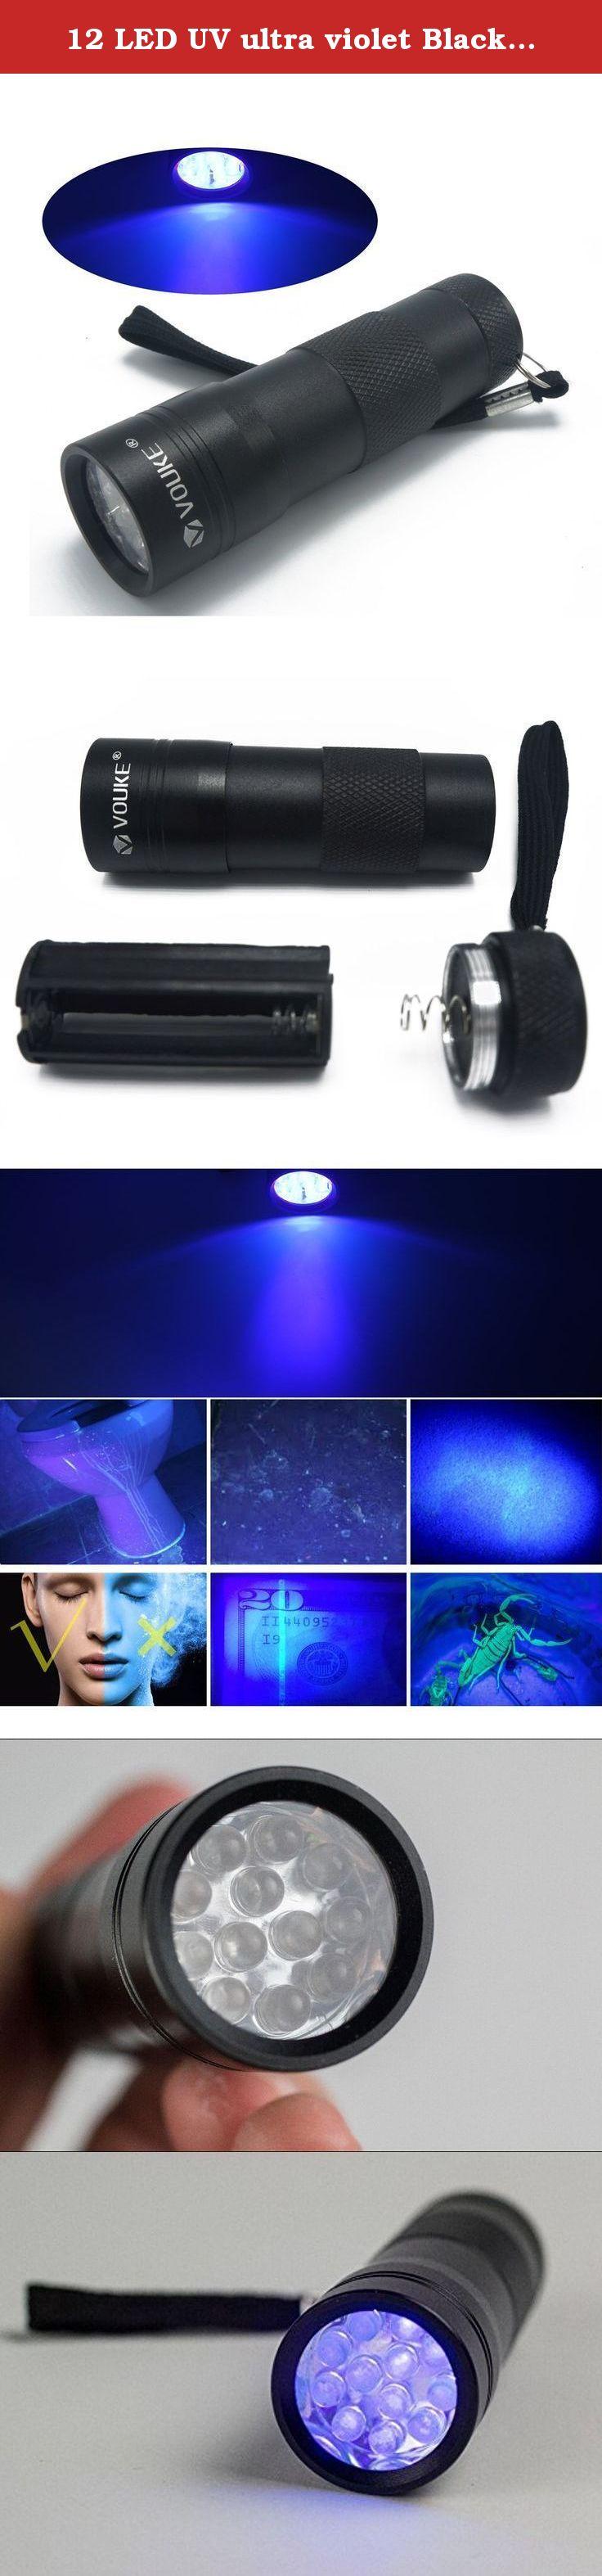 12 LED UV ultra violet Black Light Flashlights torch light